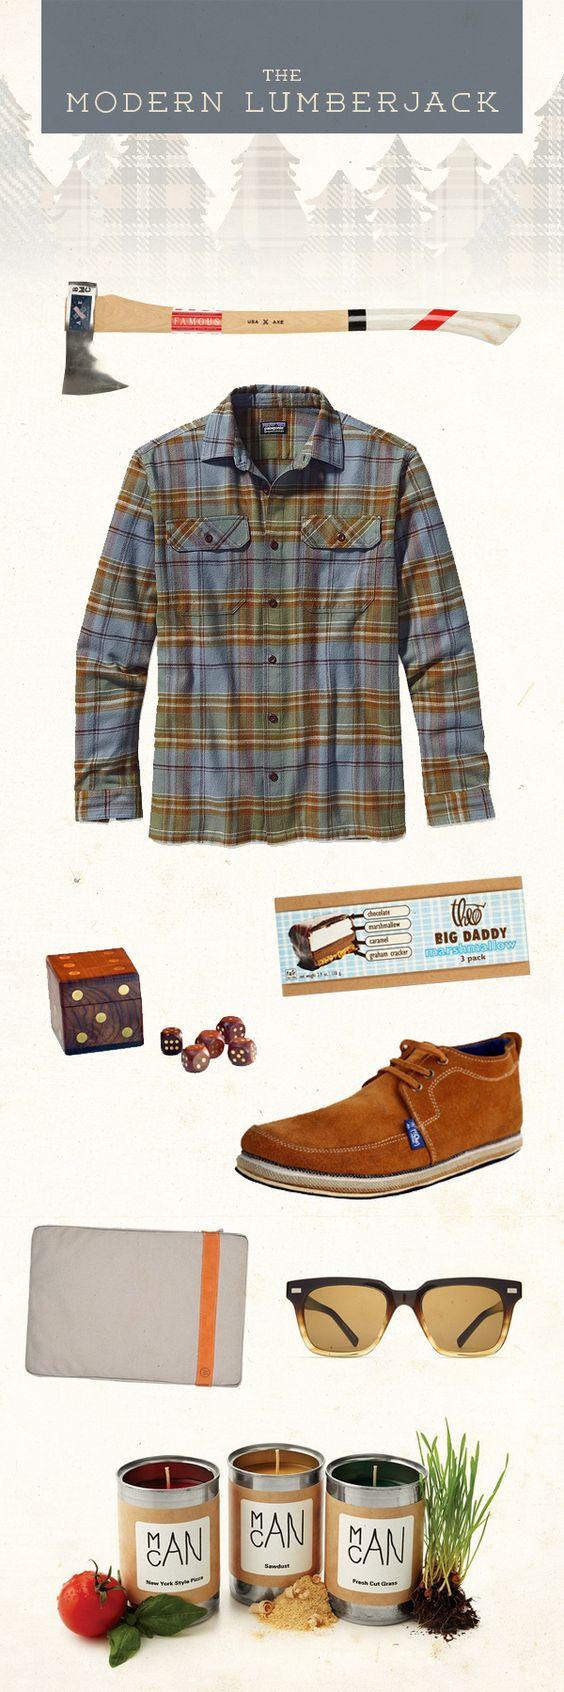 Modern Lumberjack Gift Guide.jpg